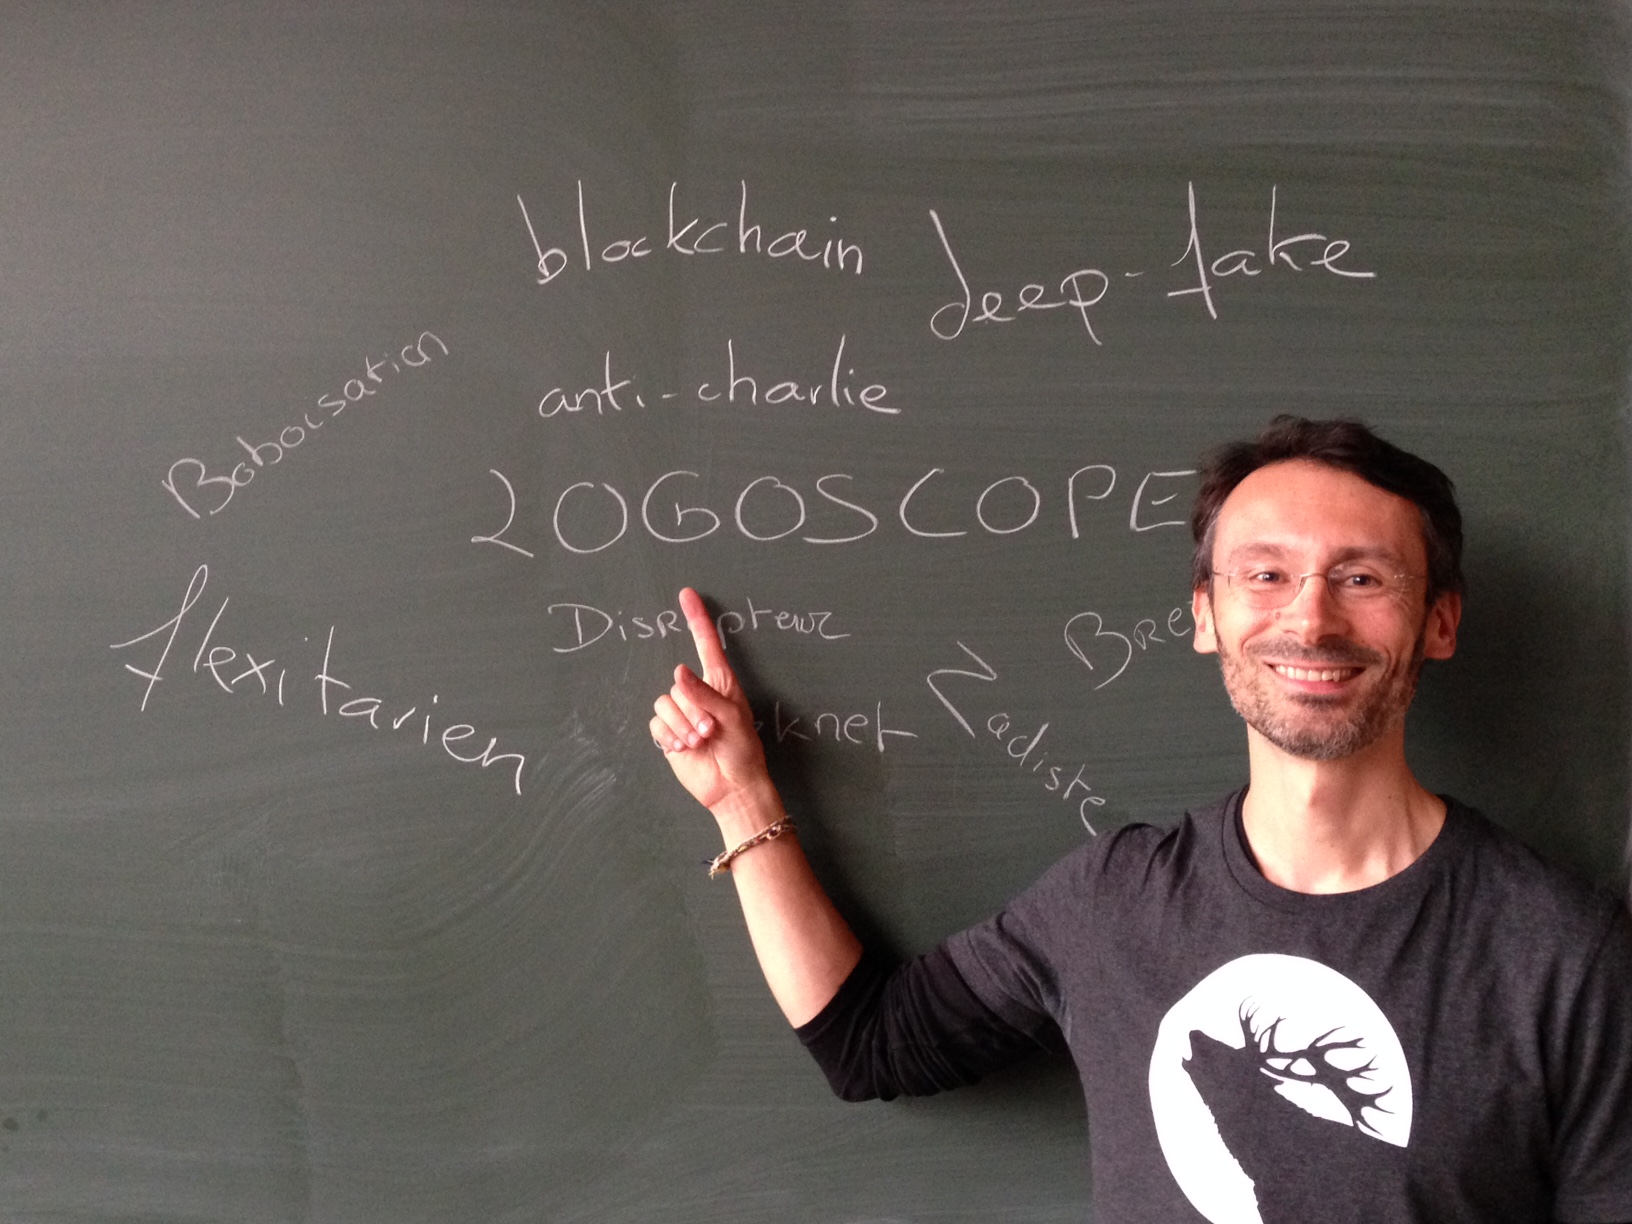 Depuis sa création, le Logoscope a permis de détecter 1 493 néologismes. Photo MR